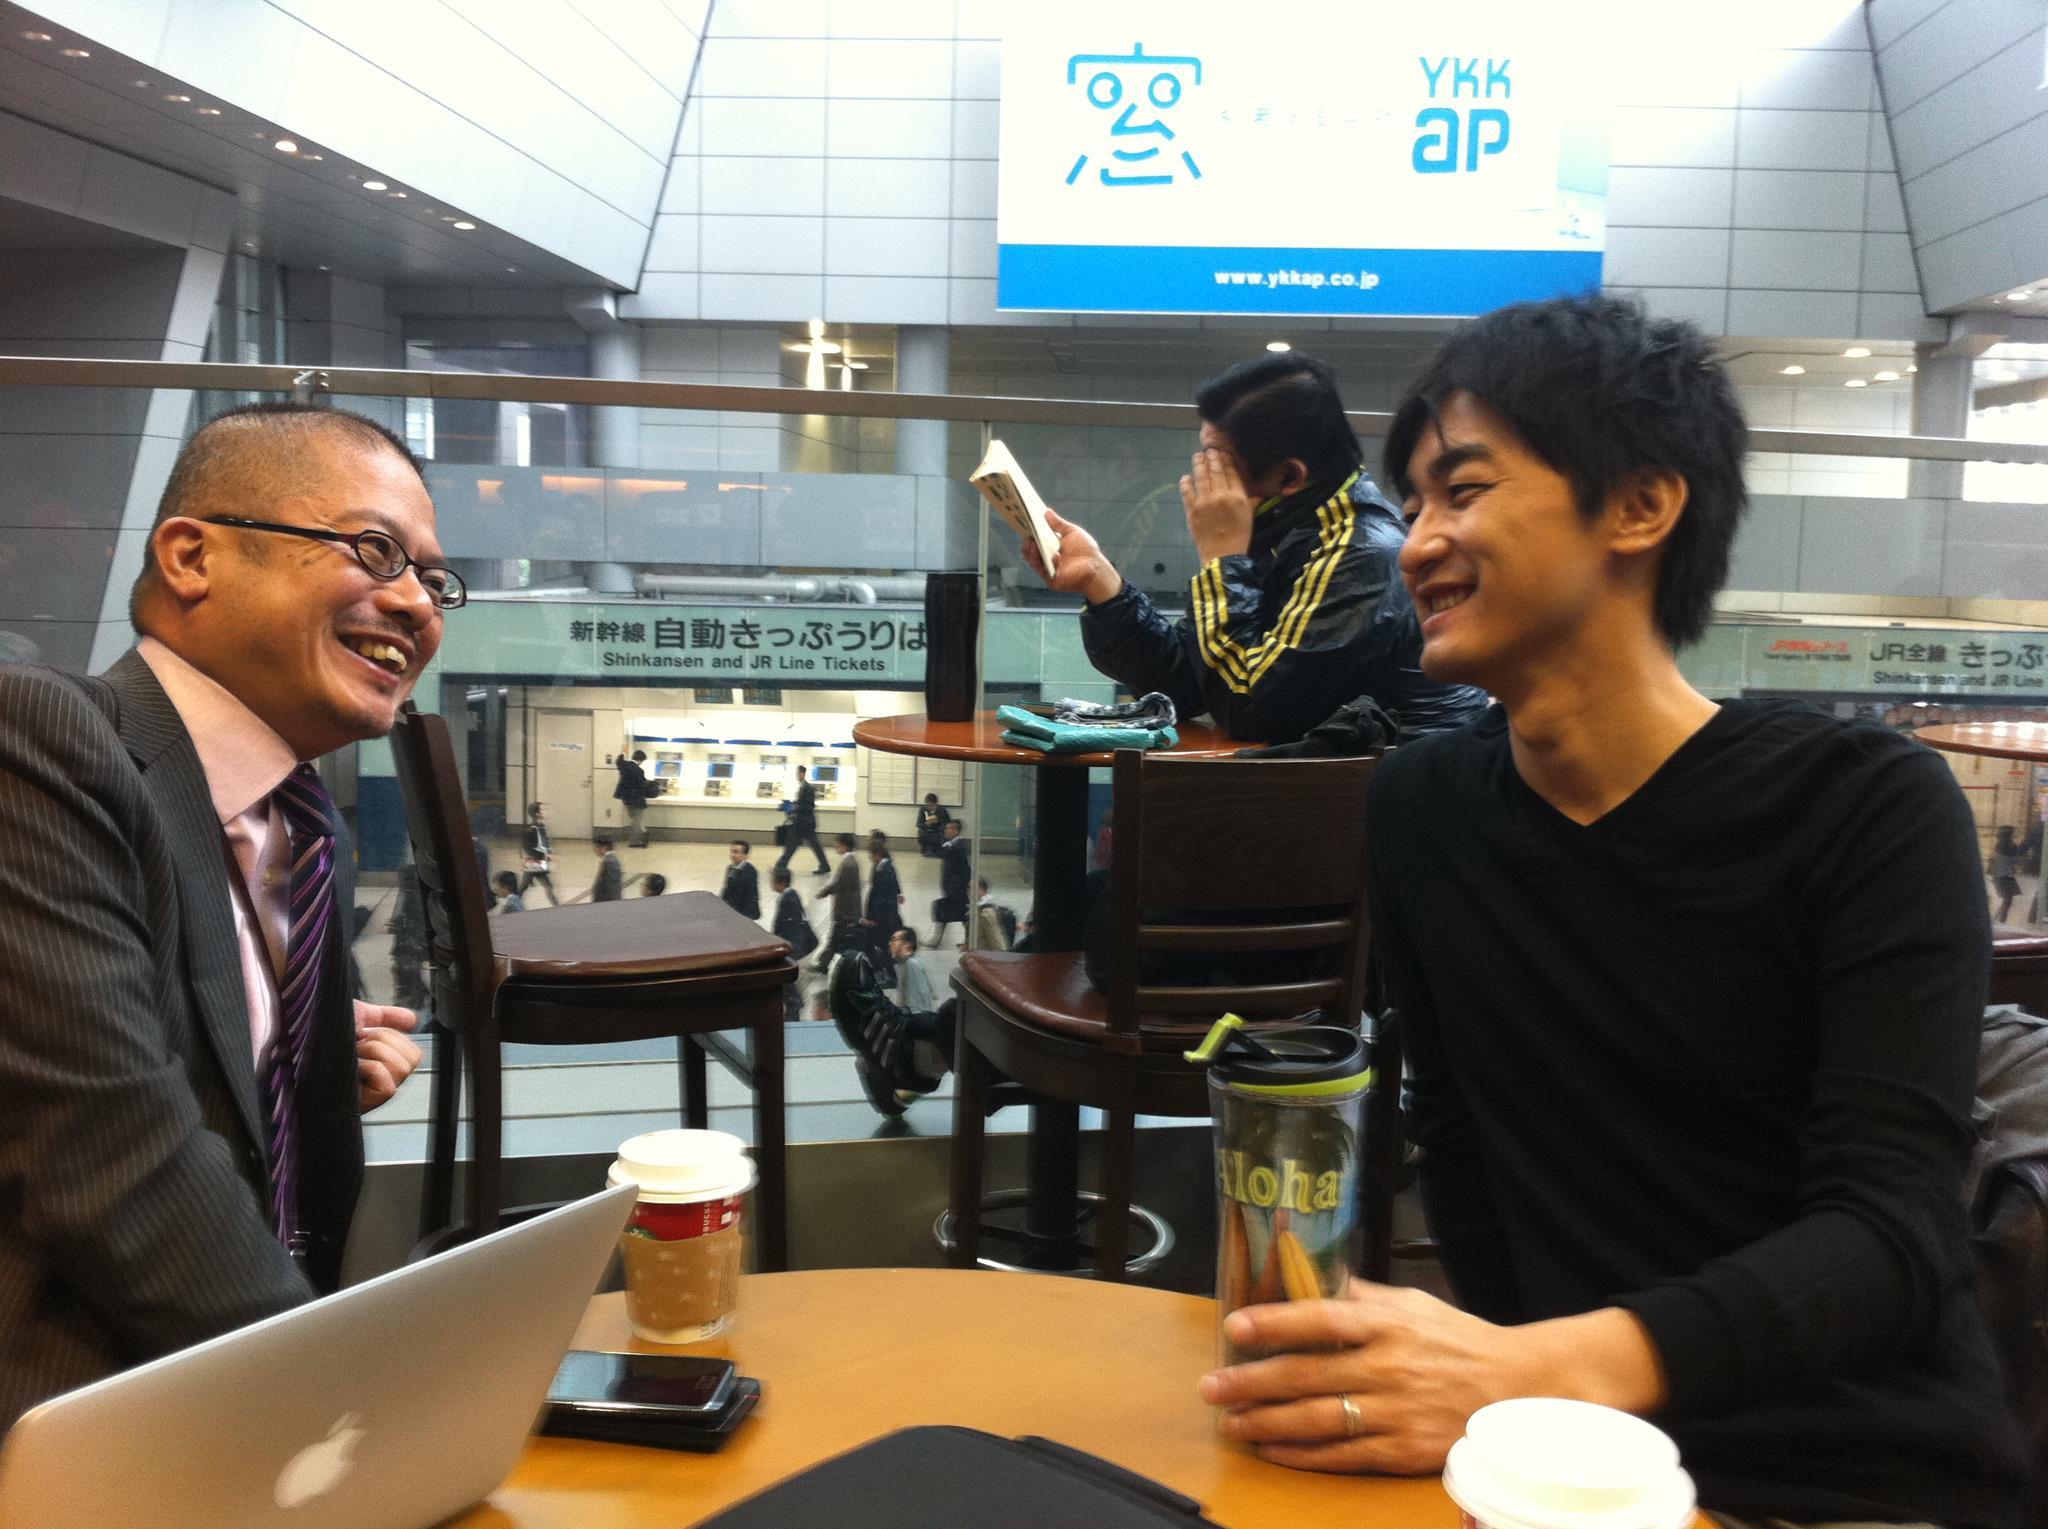 徳本さんと中島さん